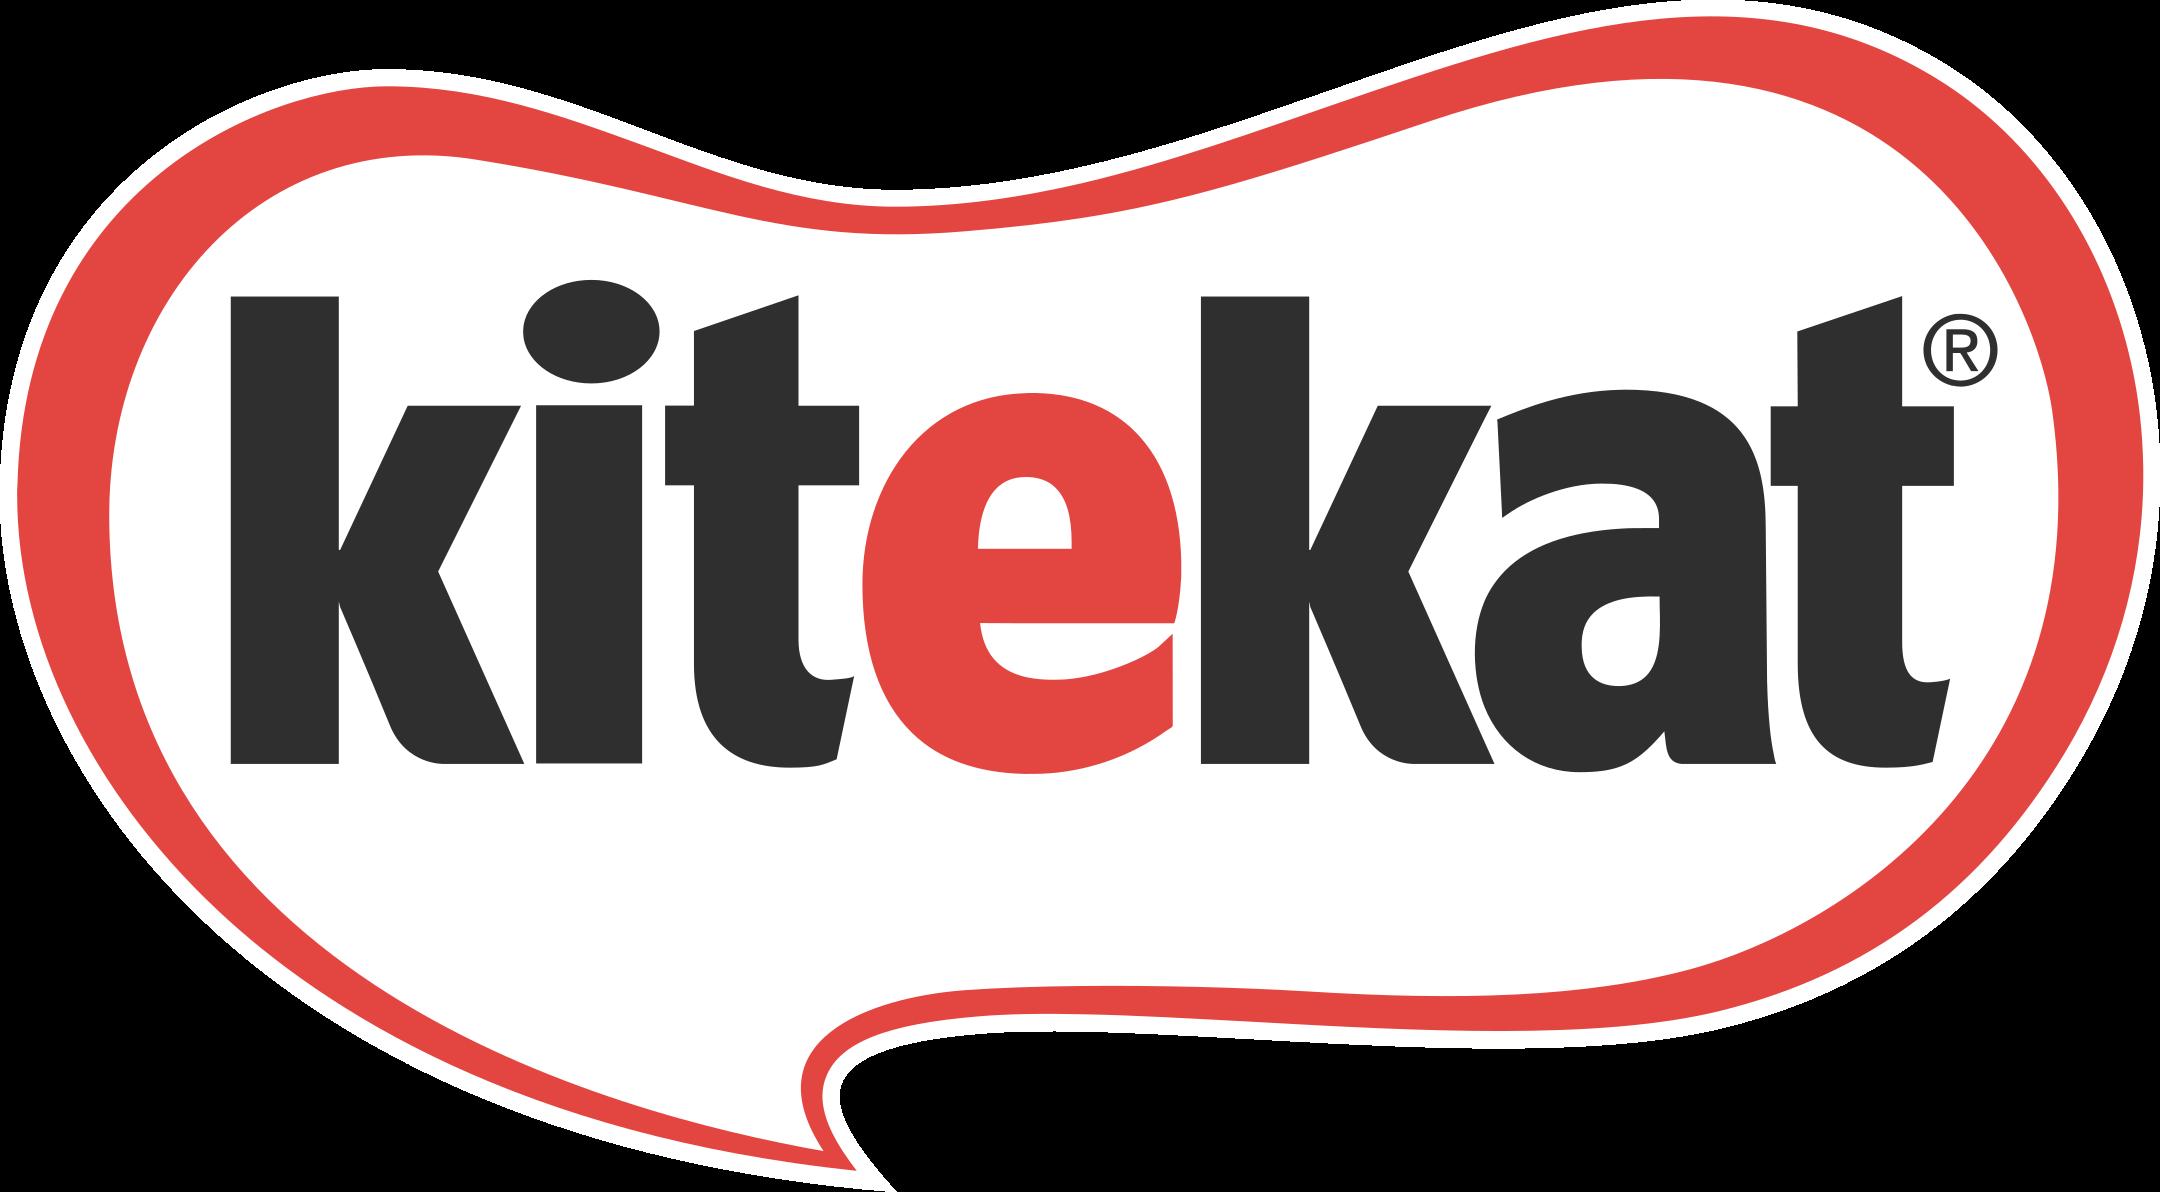 kitekat logo 1 - Kitekat Logo